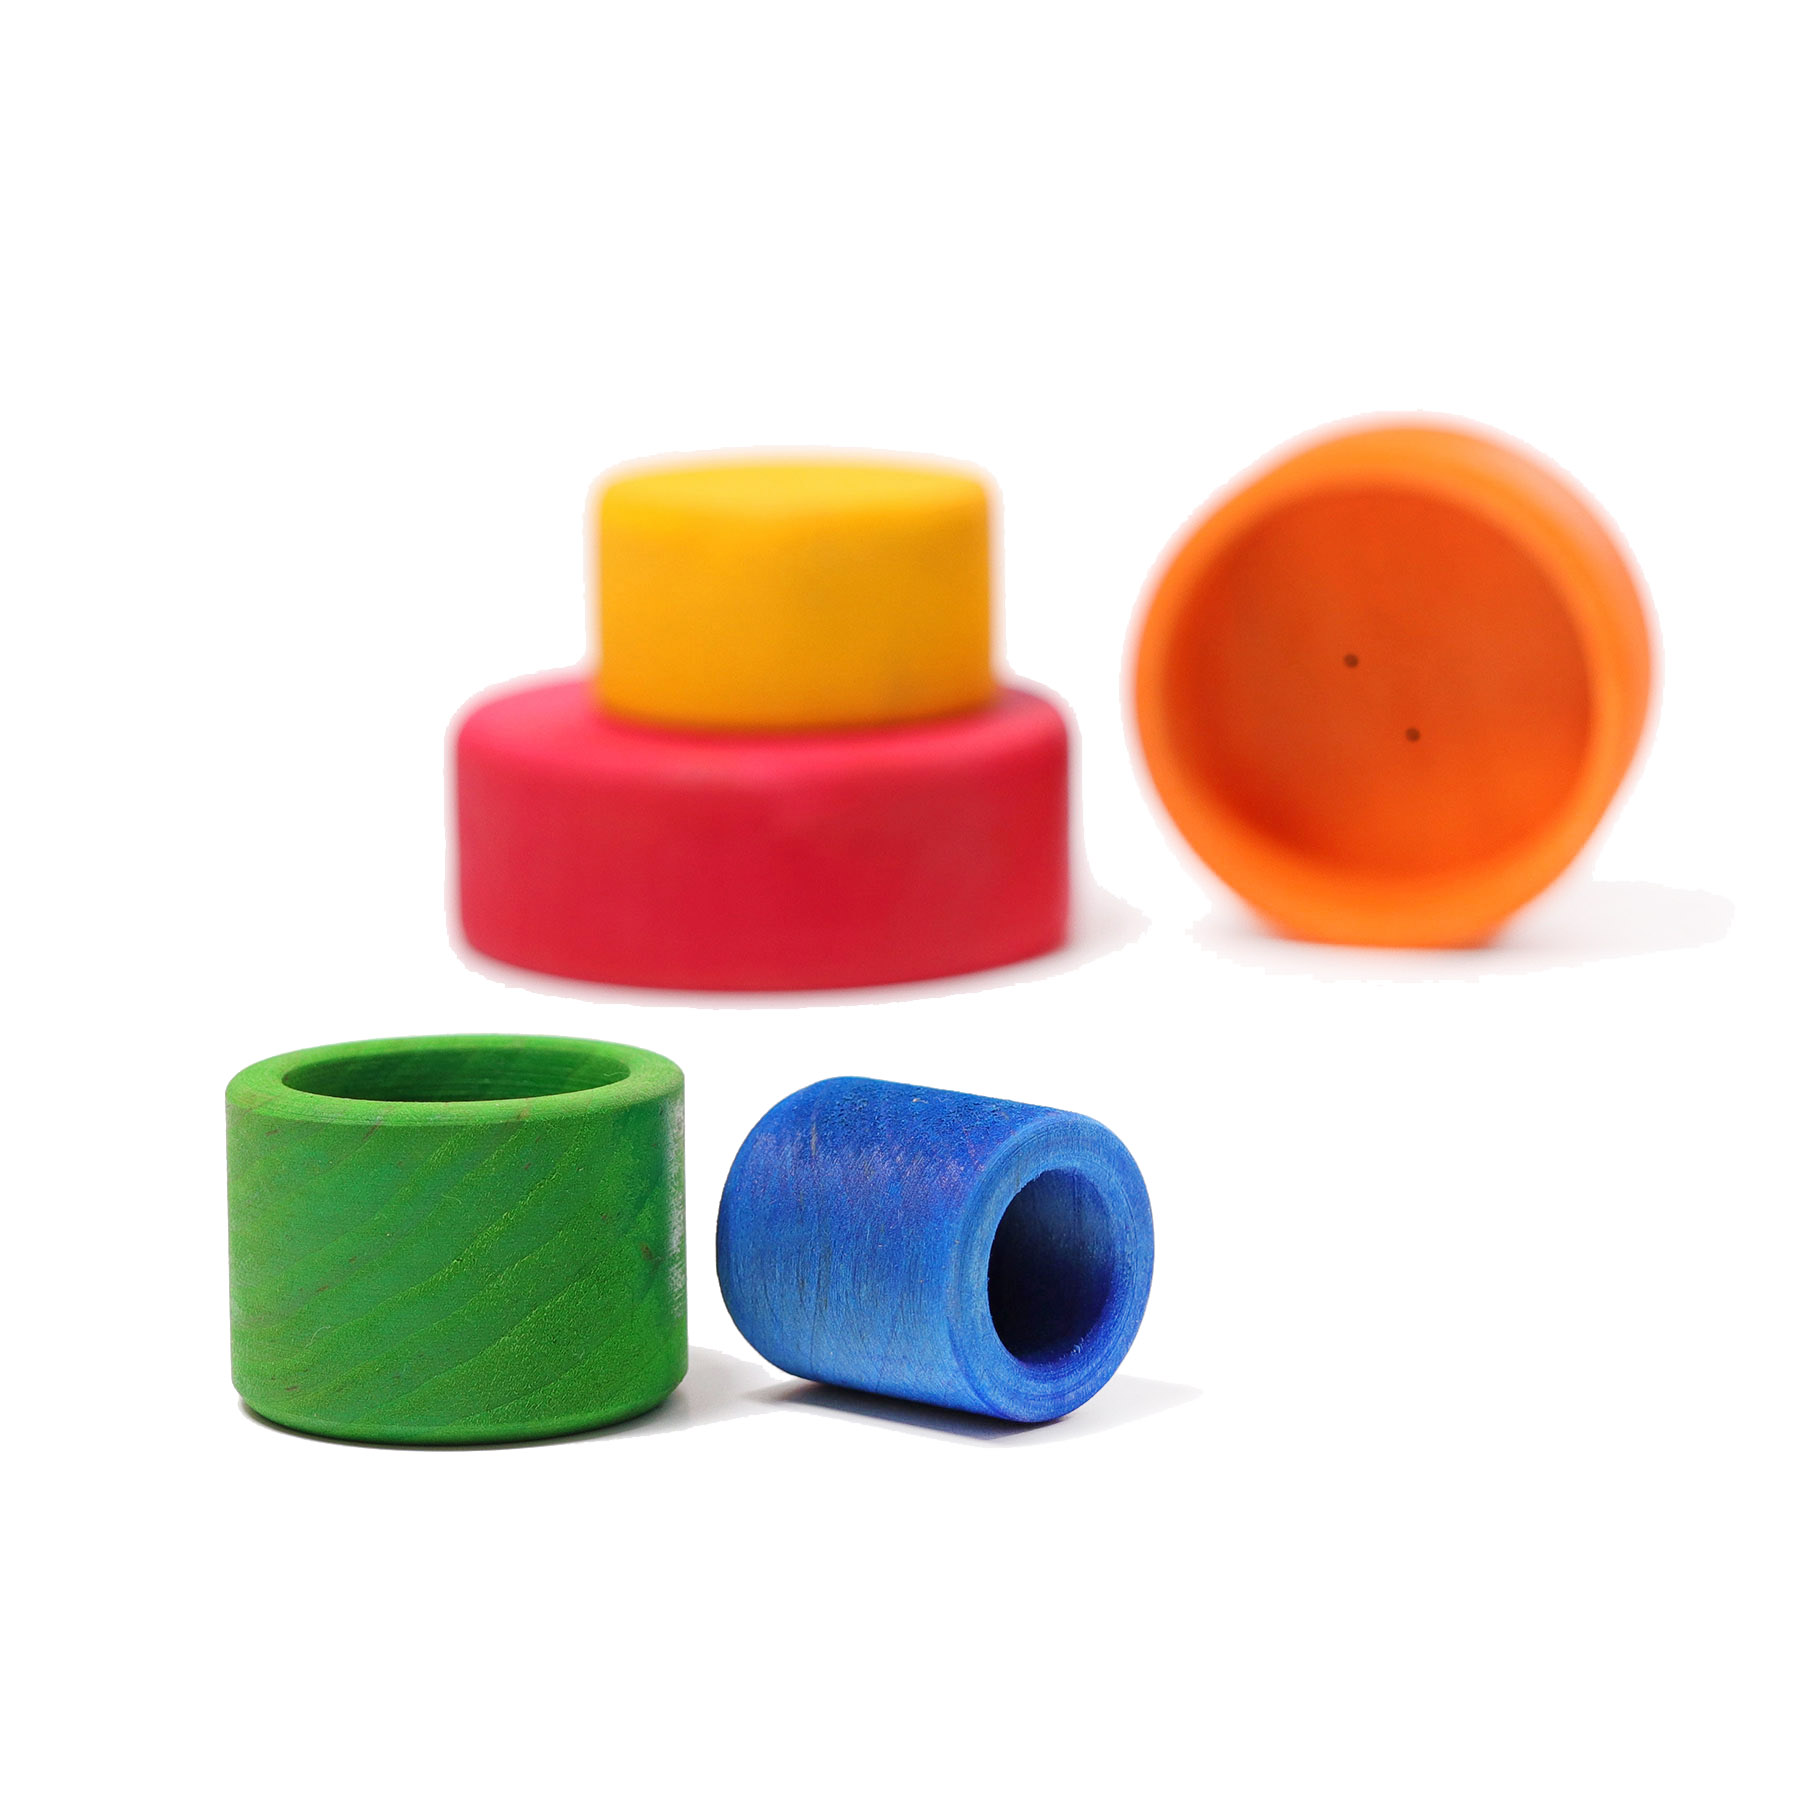 Spiel & Klang ausgesucht gutes Spielzeug Schälchenset